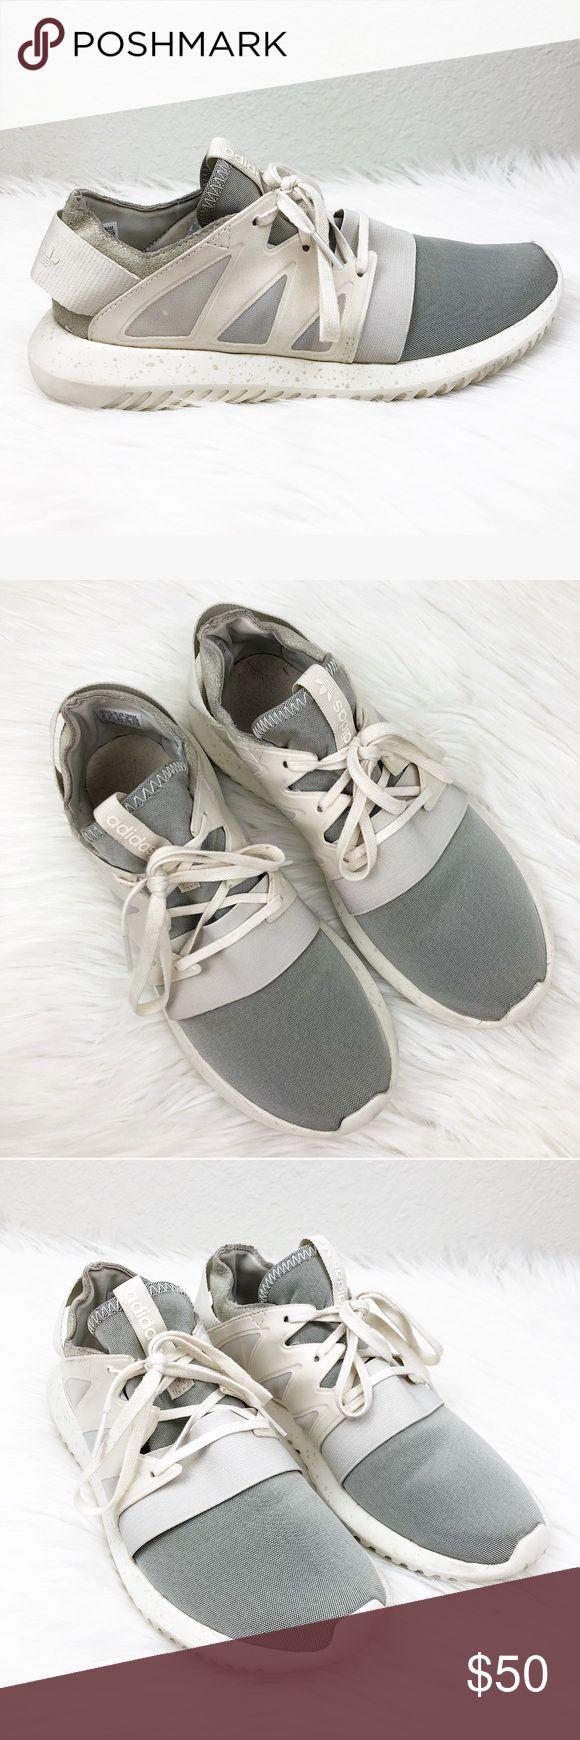 ADIDAS Sz 8 Tubular White Gray Tennis Shoes ADIDAS Tubular  White and gray Look great!! Size 8 adidas Shoes Sneakers